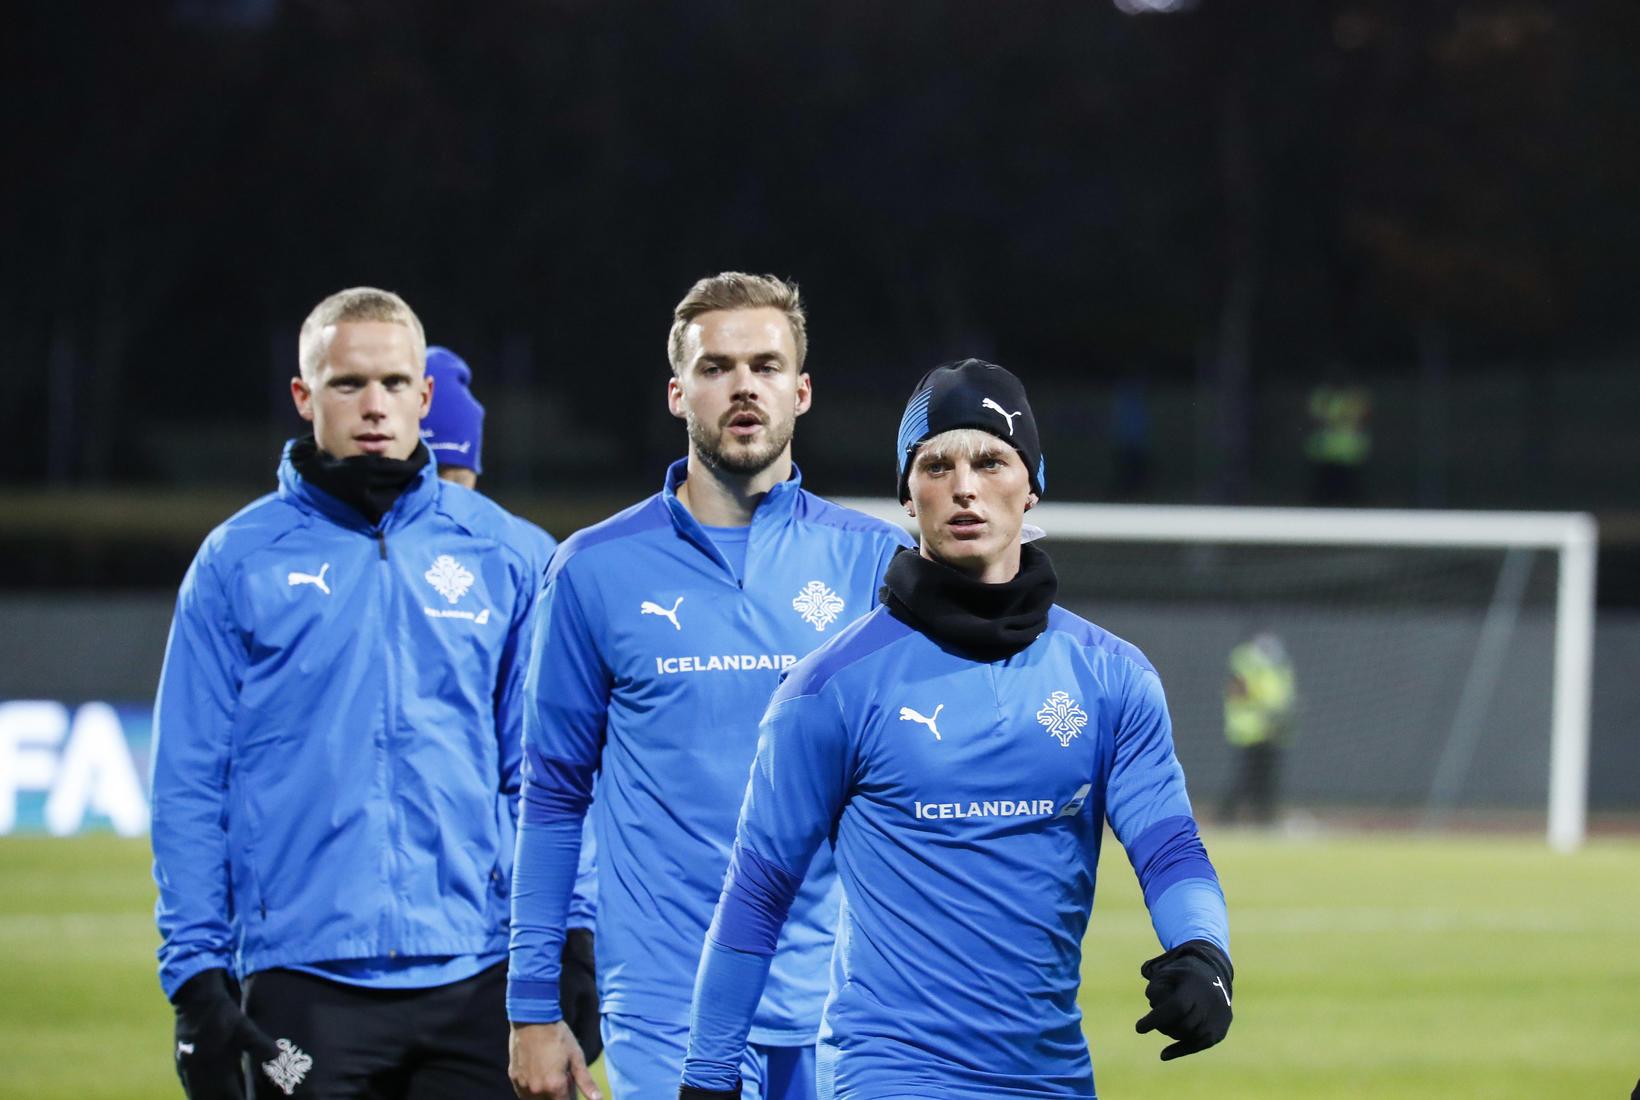 Hjörtur Hermannsson, Hólmar Örn Eyjólfsson og Albert Guðmundsson eru klárir …